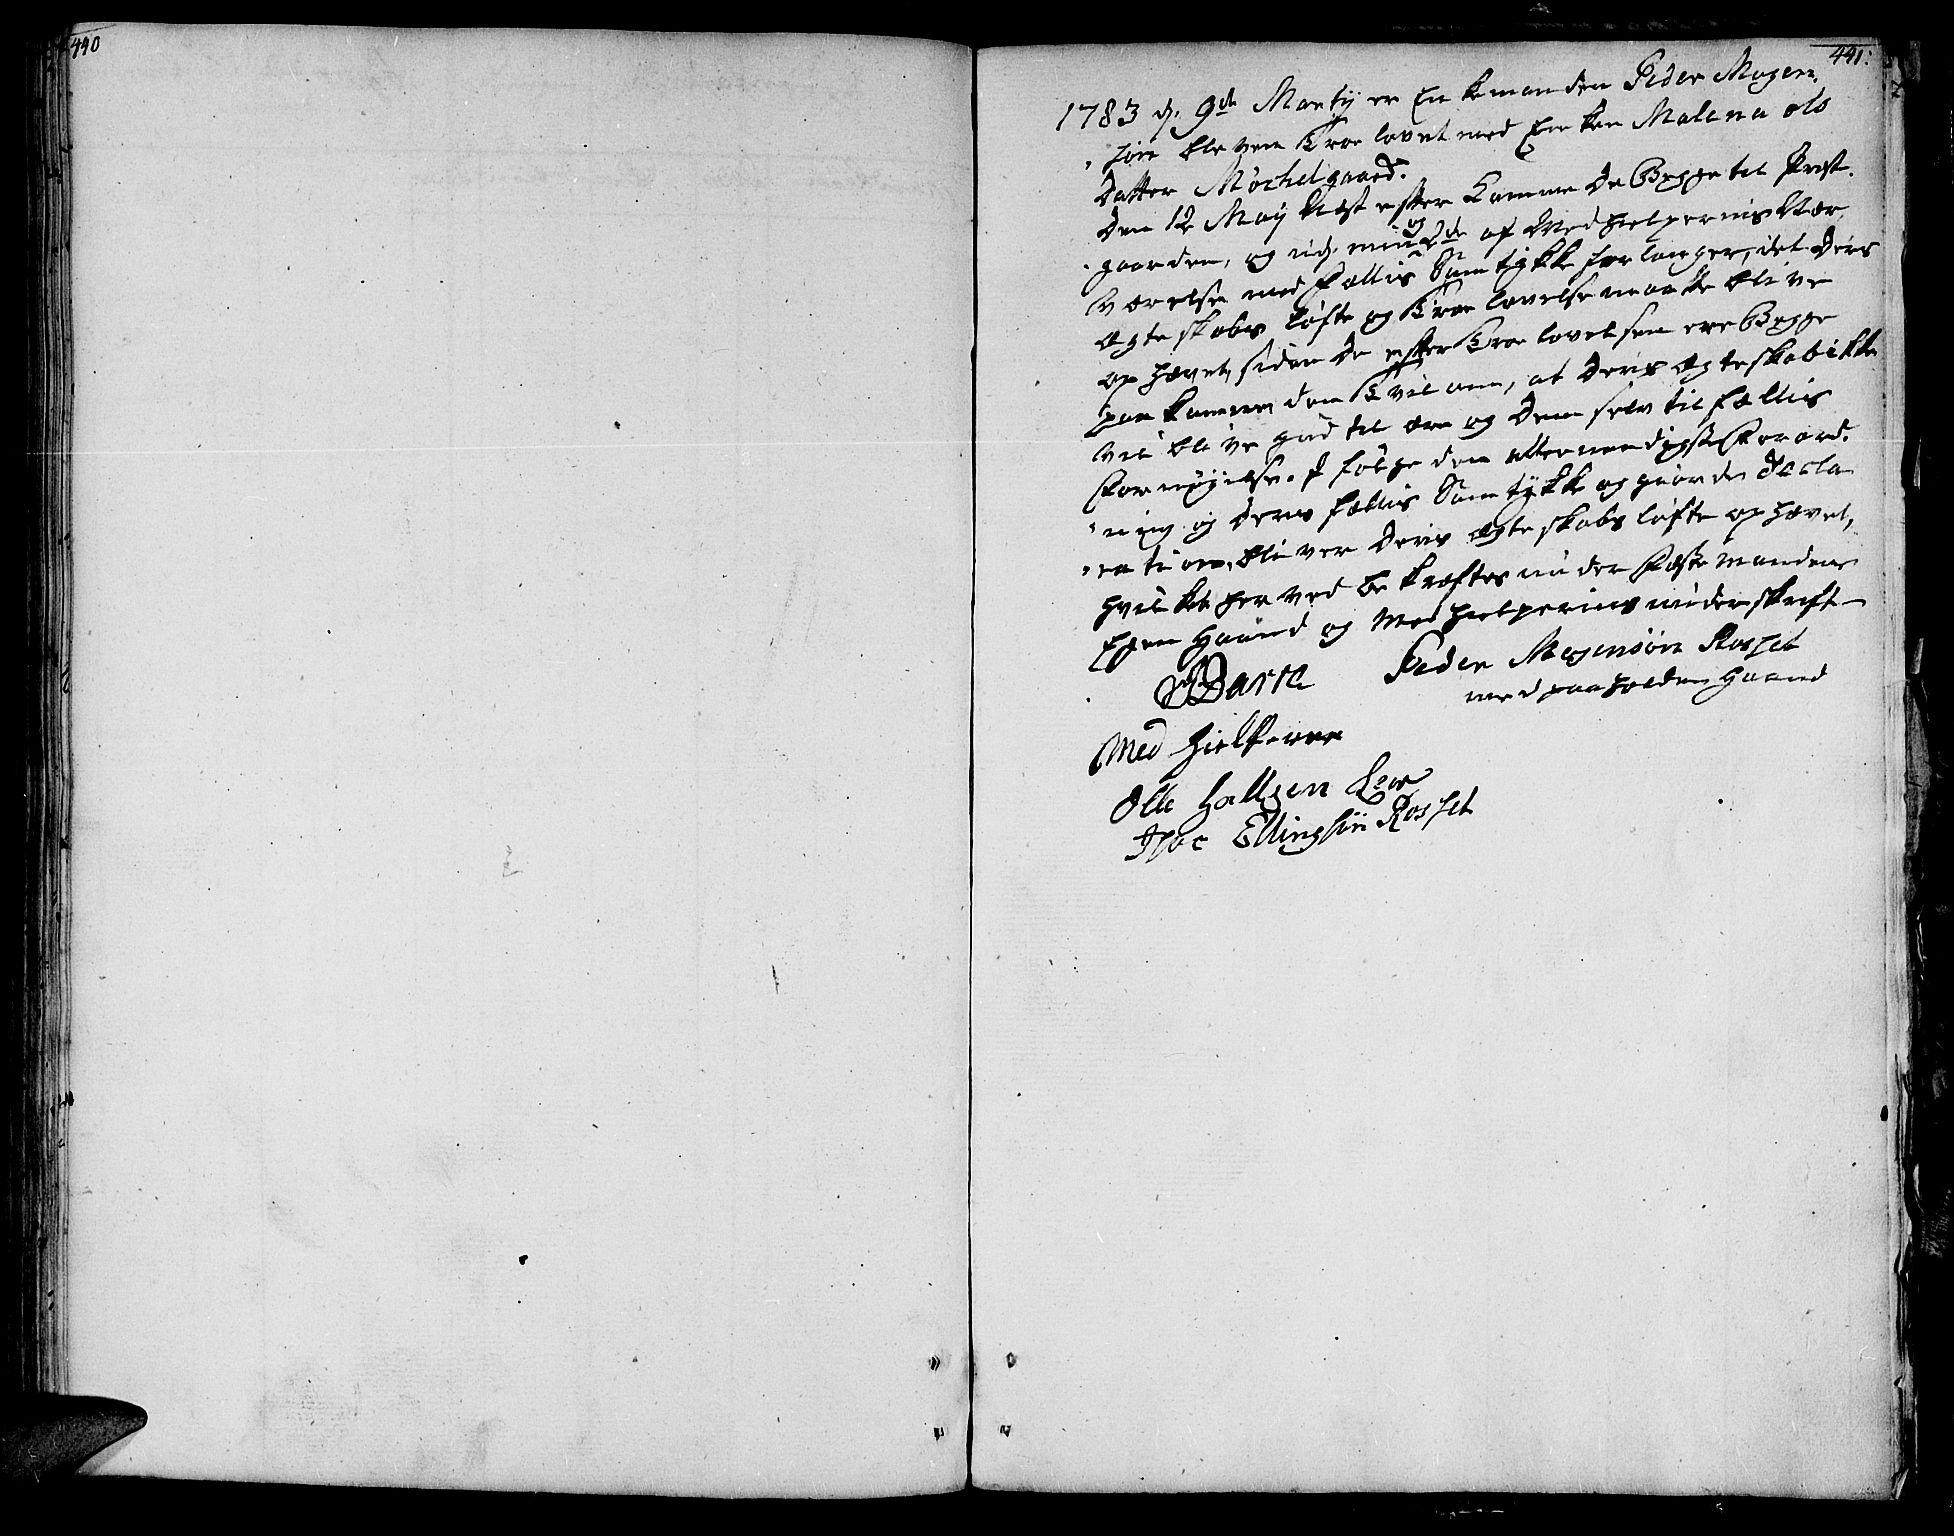 SAT, Ministerialprotokoller, klokkerbøker og fødselsregistre - Nord-Trøndelag, 764/L0544: Ministerialbok nr. 764A04, 1780-1798, s. 440-441